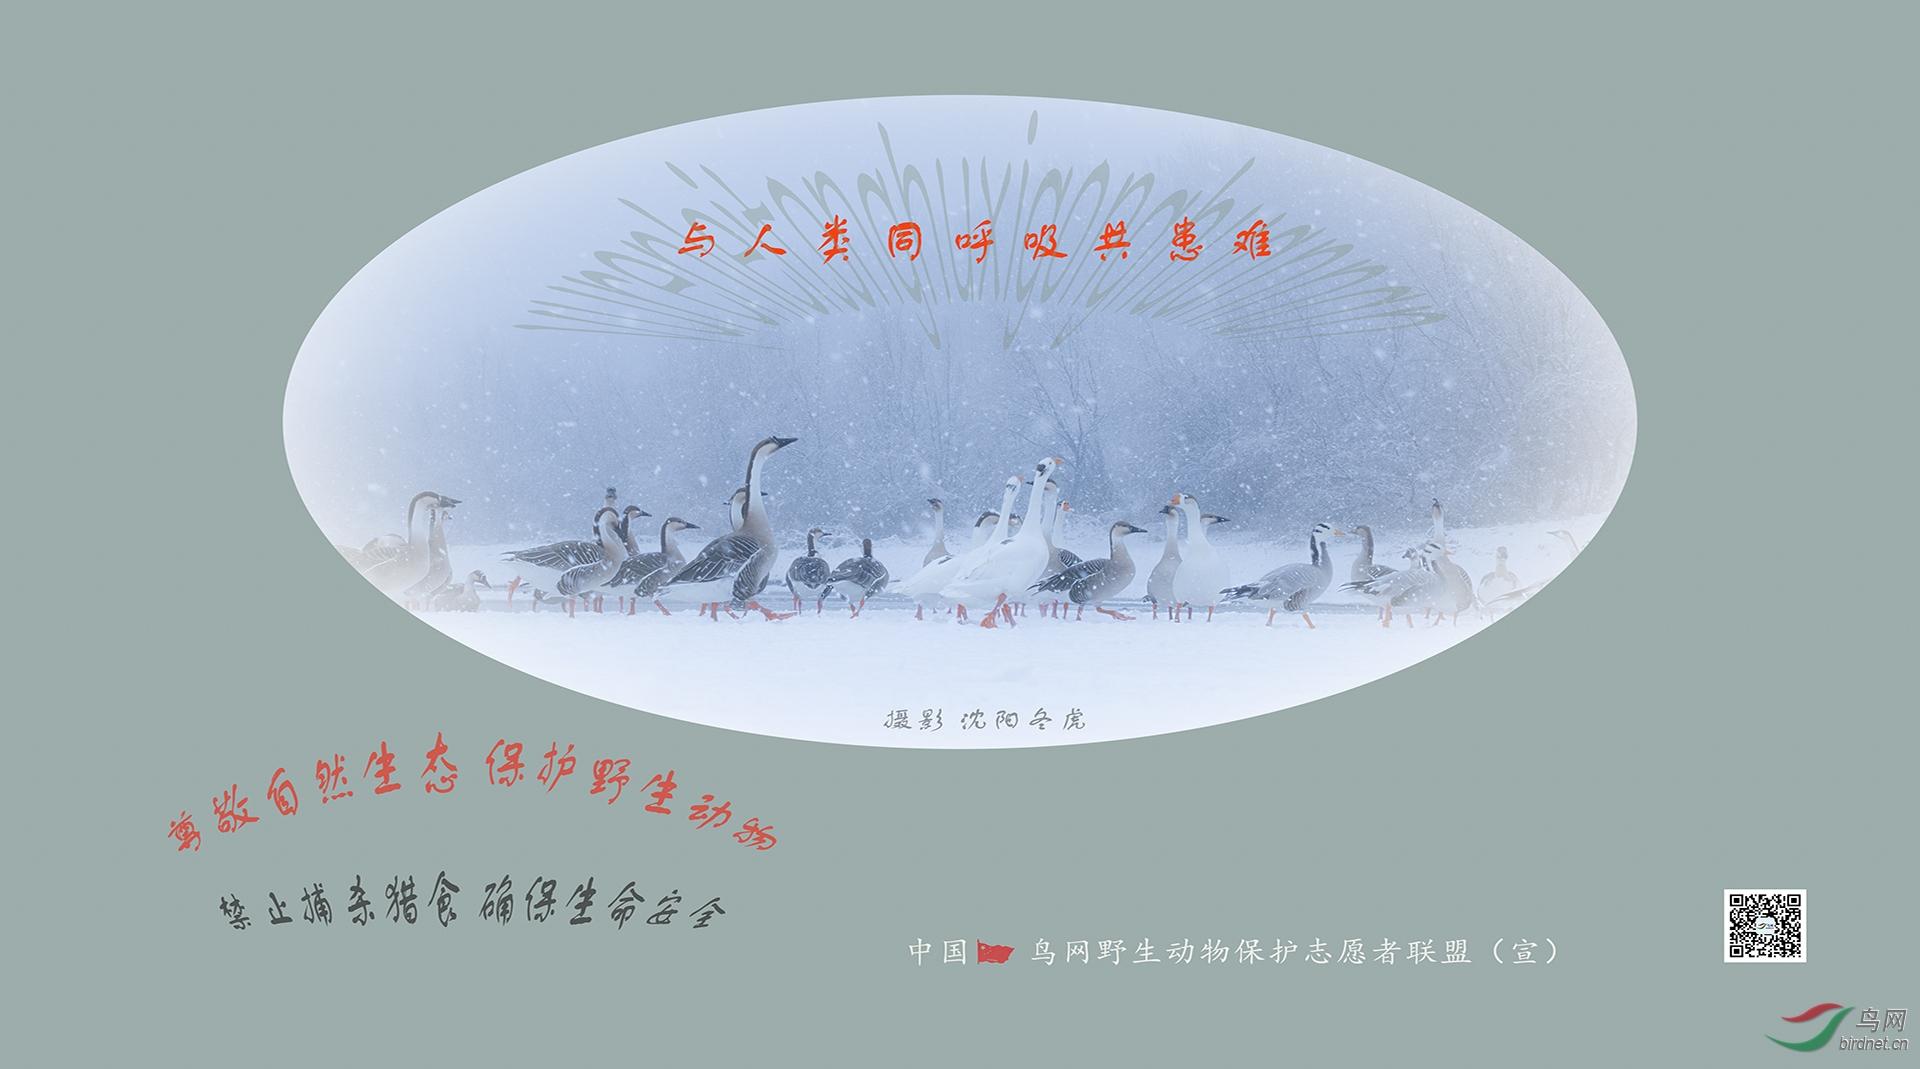 沈阳冬虎 (2).jpg